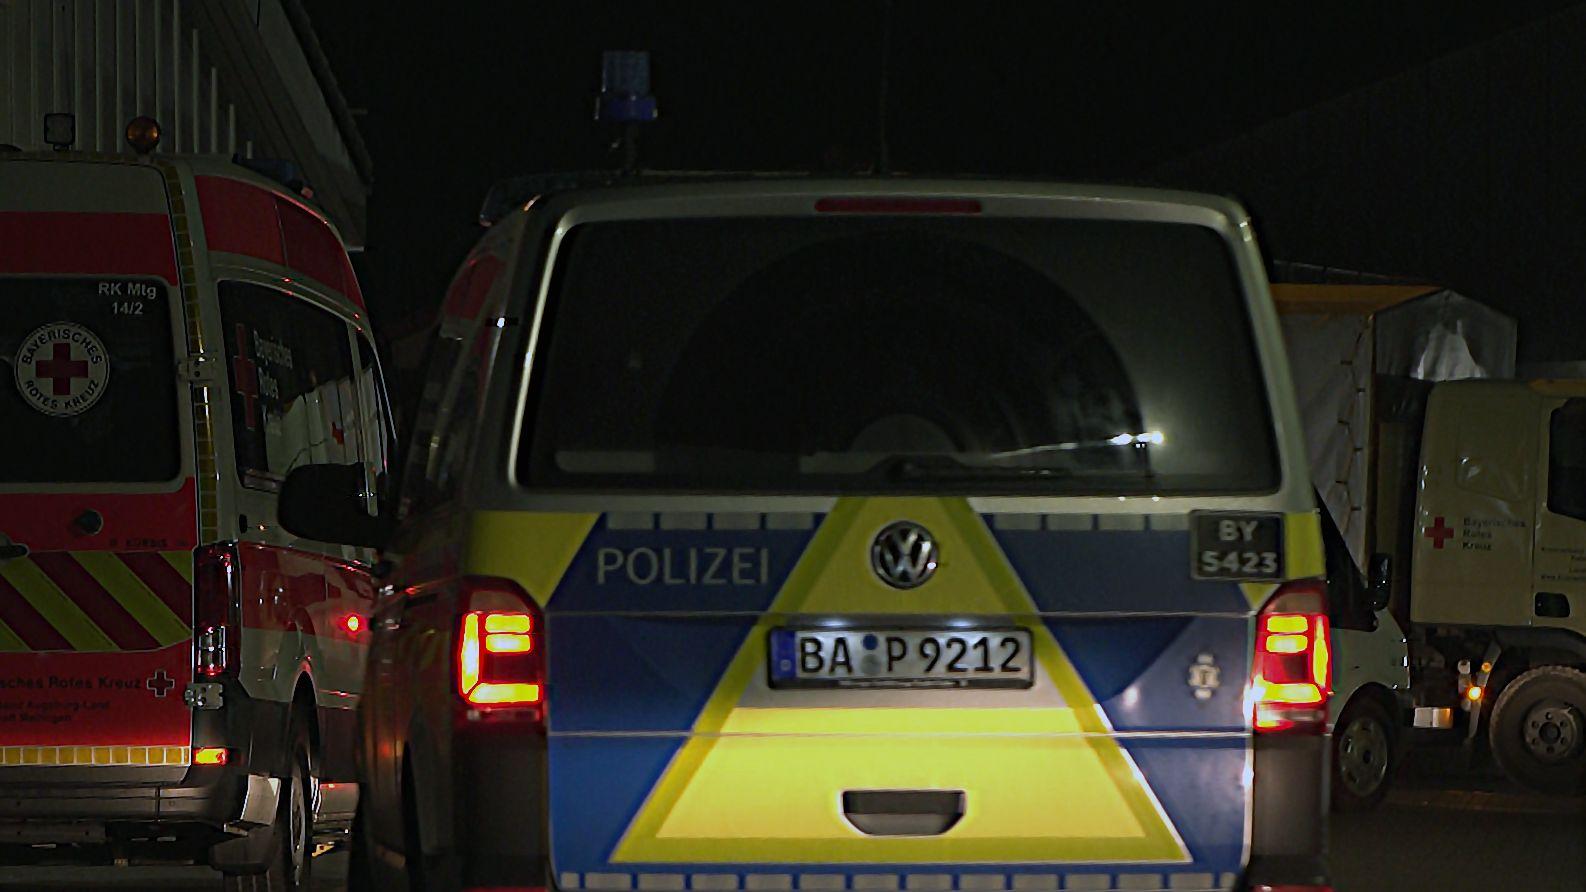 Fahrzeuge von Polizei und Rettungsdiensten am 21.12.2019 in Anhausen im Landkreis Augsburg